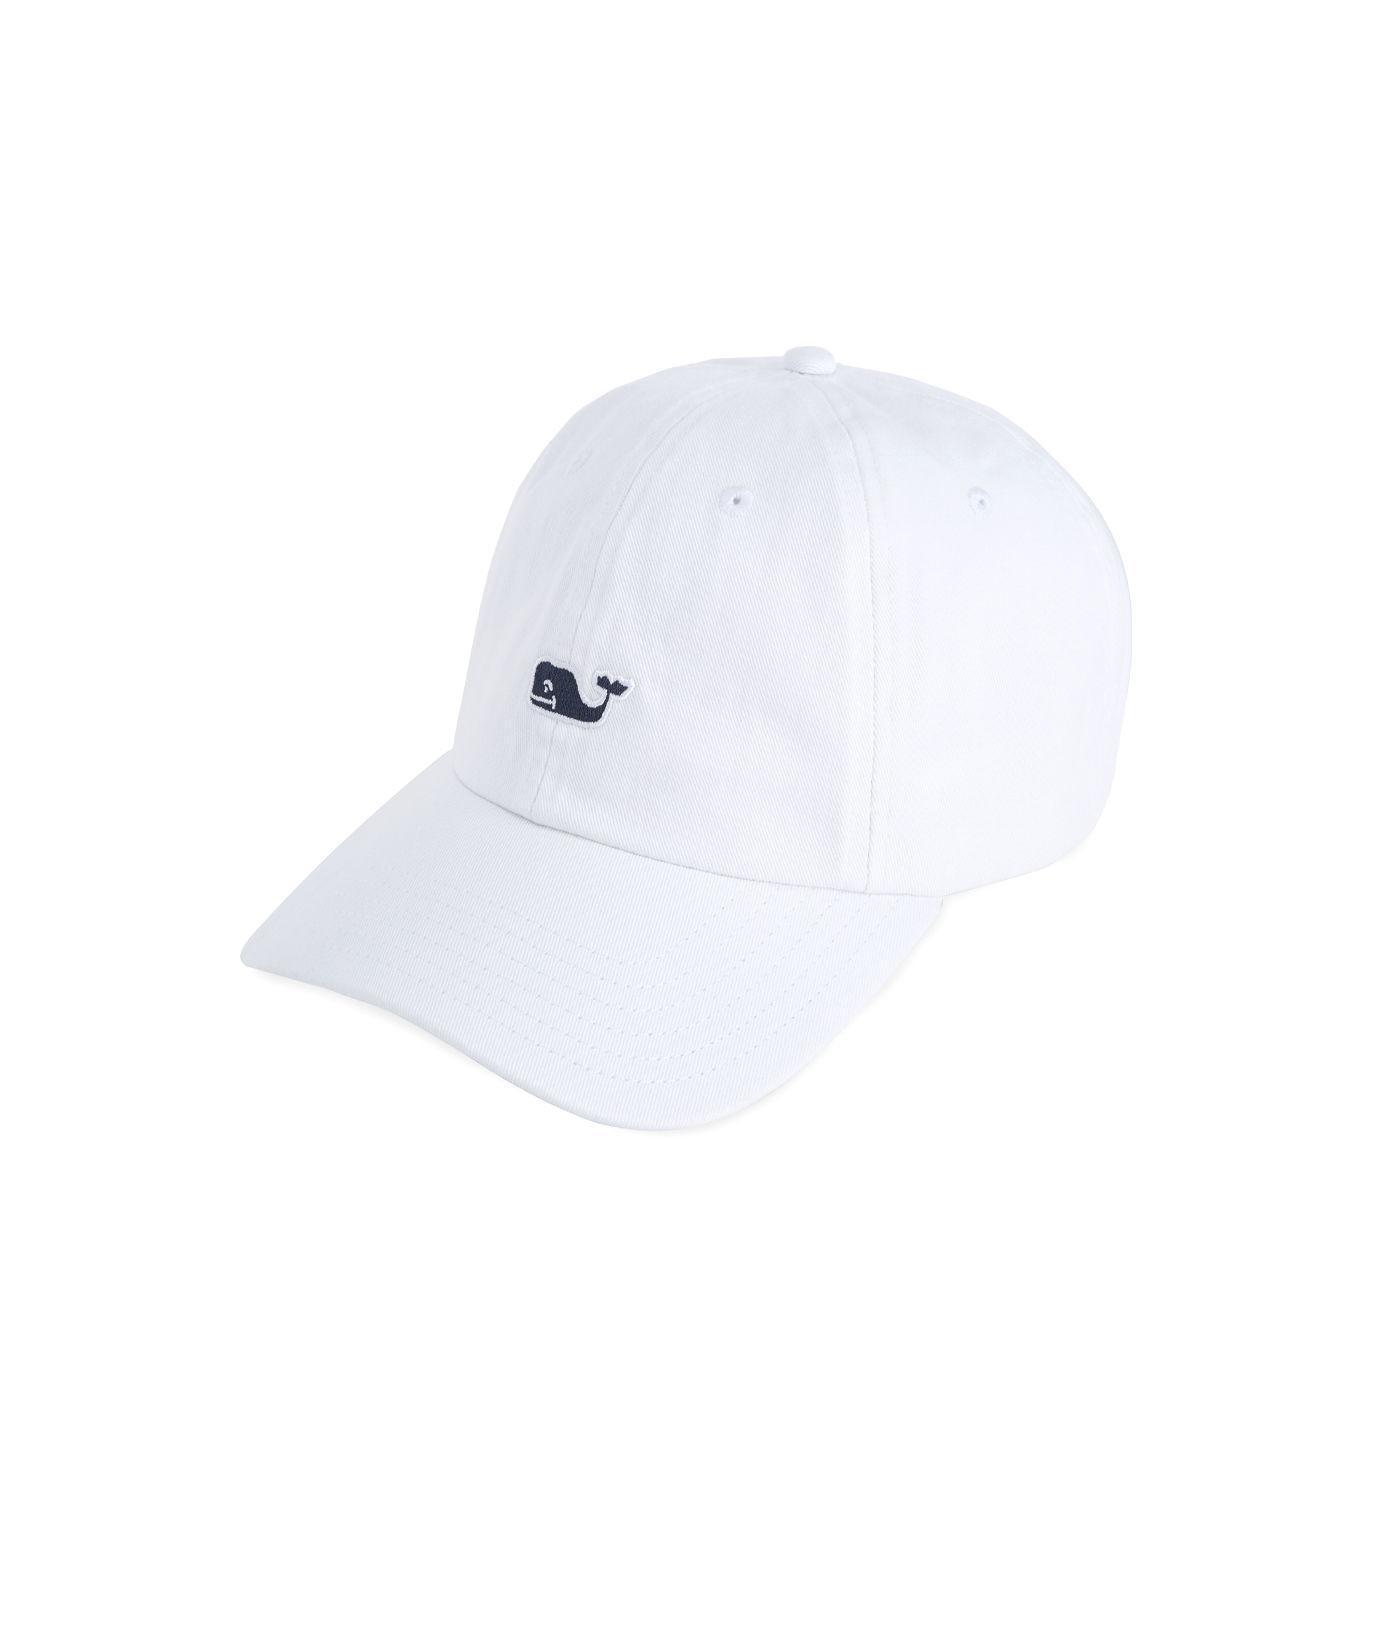 Vineyard Vines - White Whale Logo Baseball Hat for Men - Lyst. View  fullscreen 90bcdeec8698